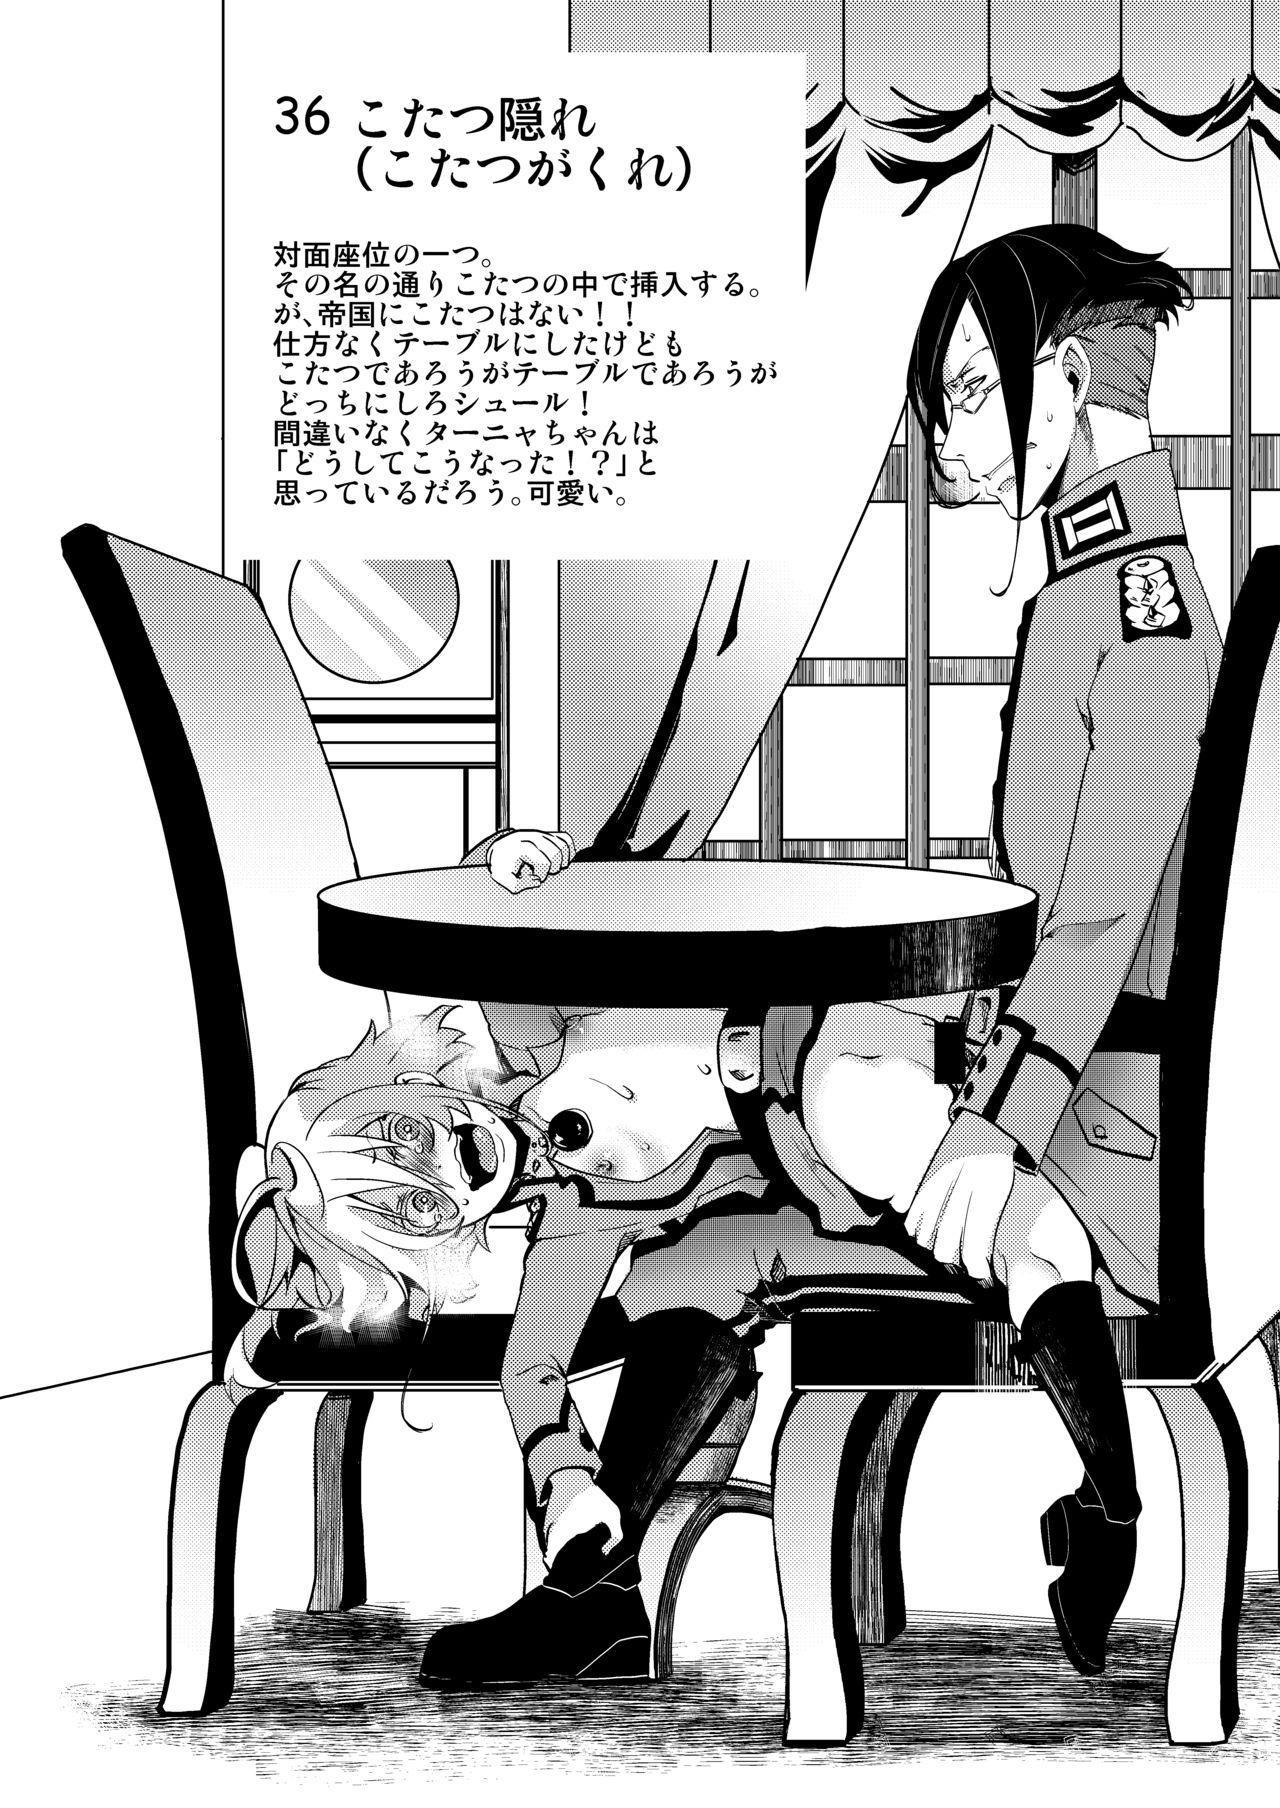 Teikoku Gokuhi Shiryou Shijuuhatte Shinansho 36